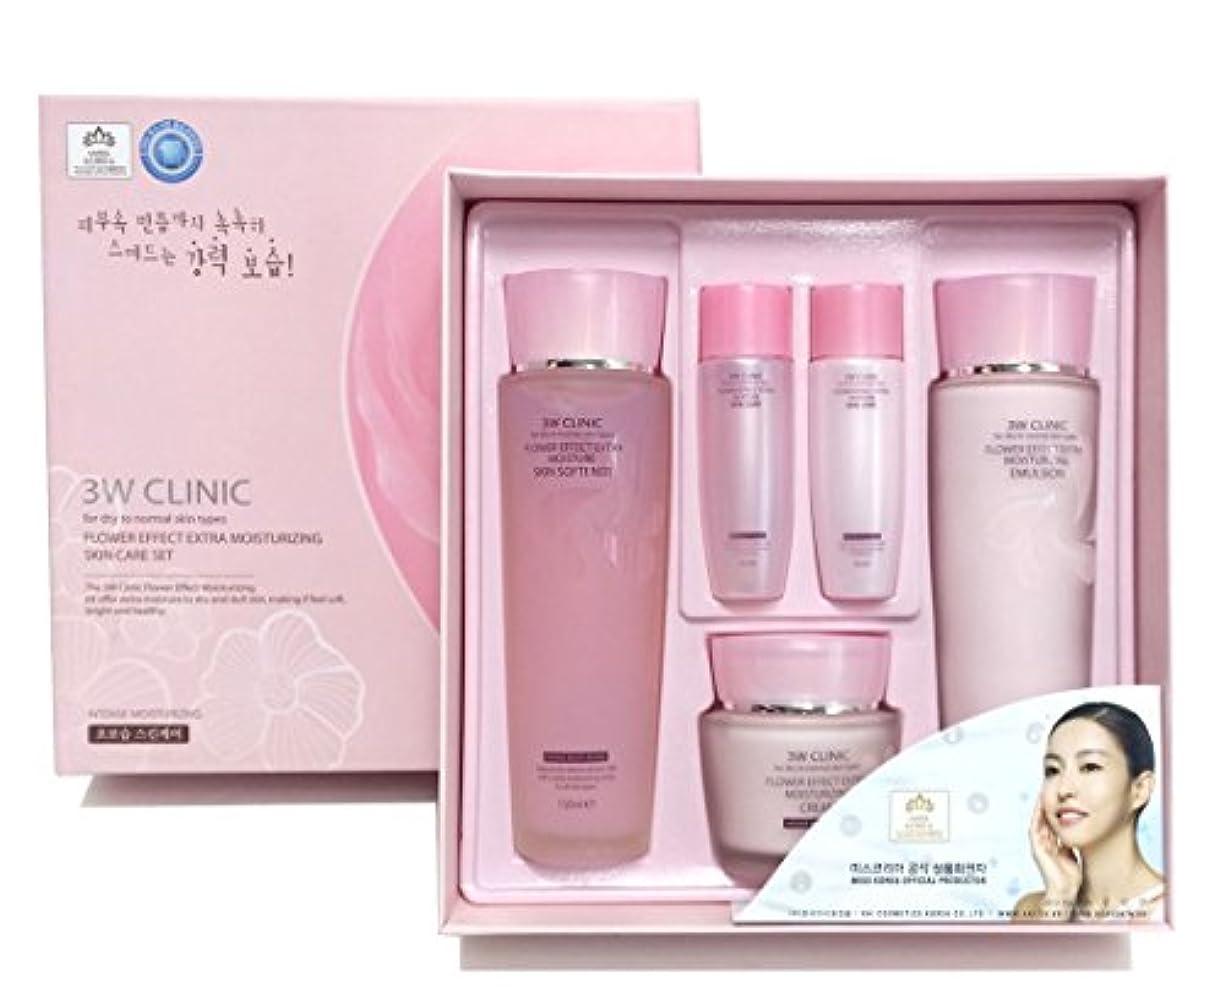 仲人望まないペリスコープ[3W CLINIC] フラワーエフェクトエクストラモイスチャライジングスキンケアセット / Flower Effect Extra Moisturizing Skin Care Set / ヒアルロン酸 / hyaluronic...